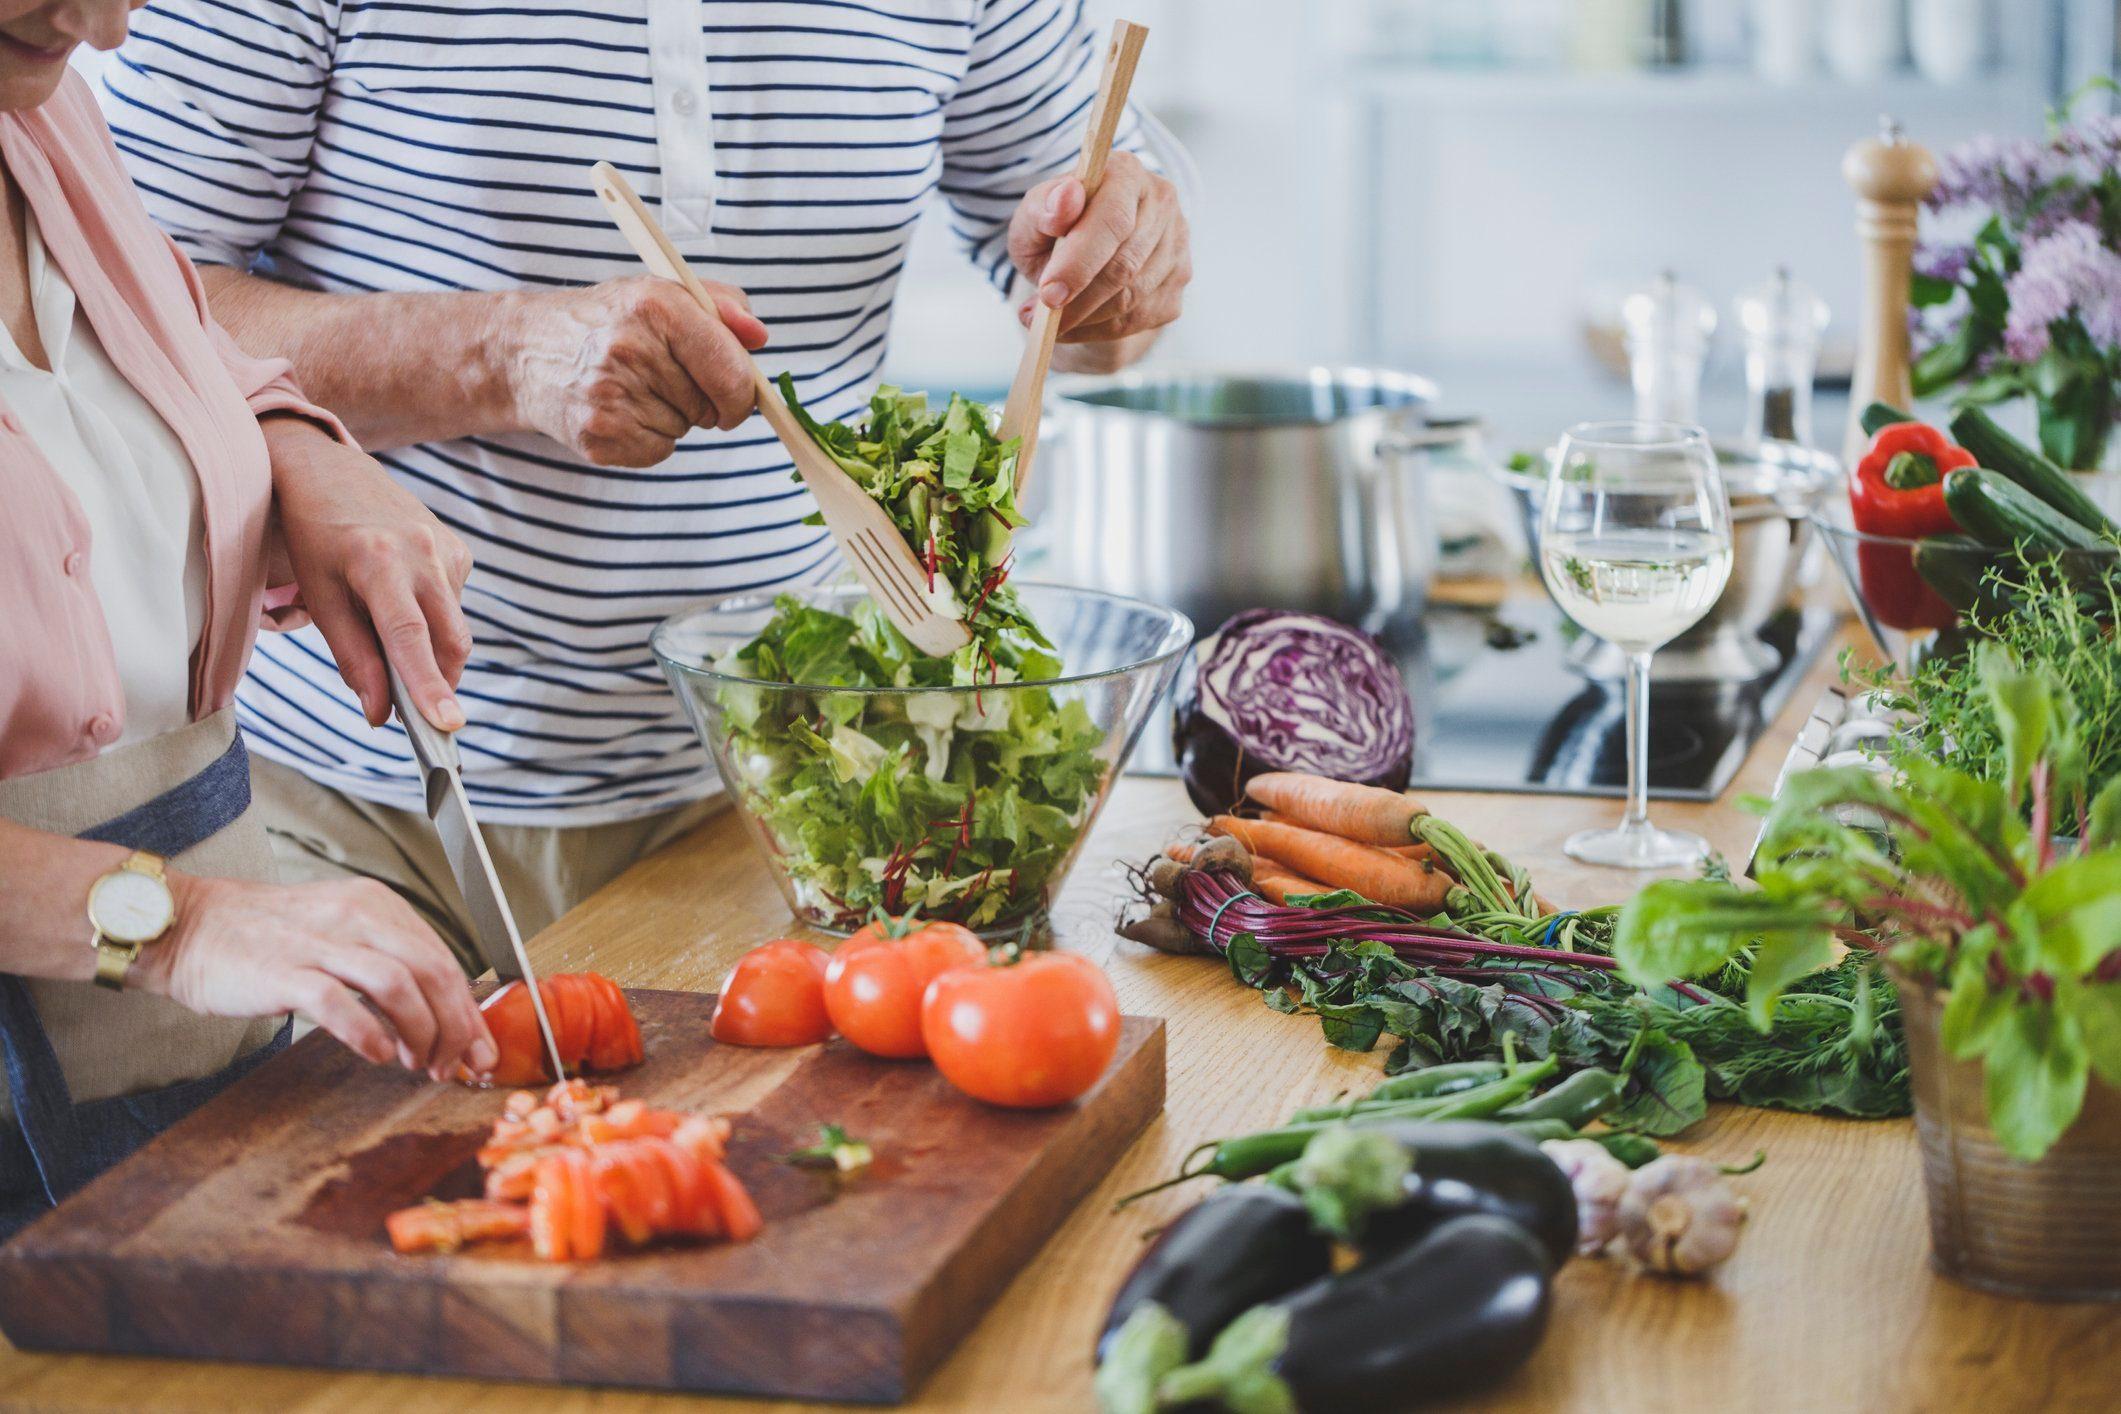 preparing salad at home